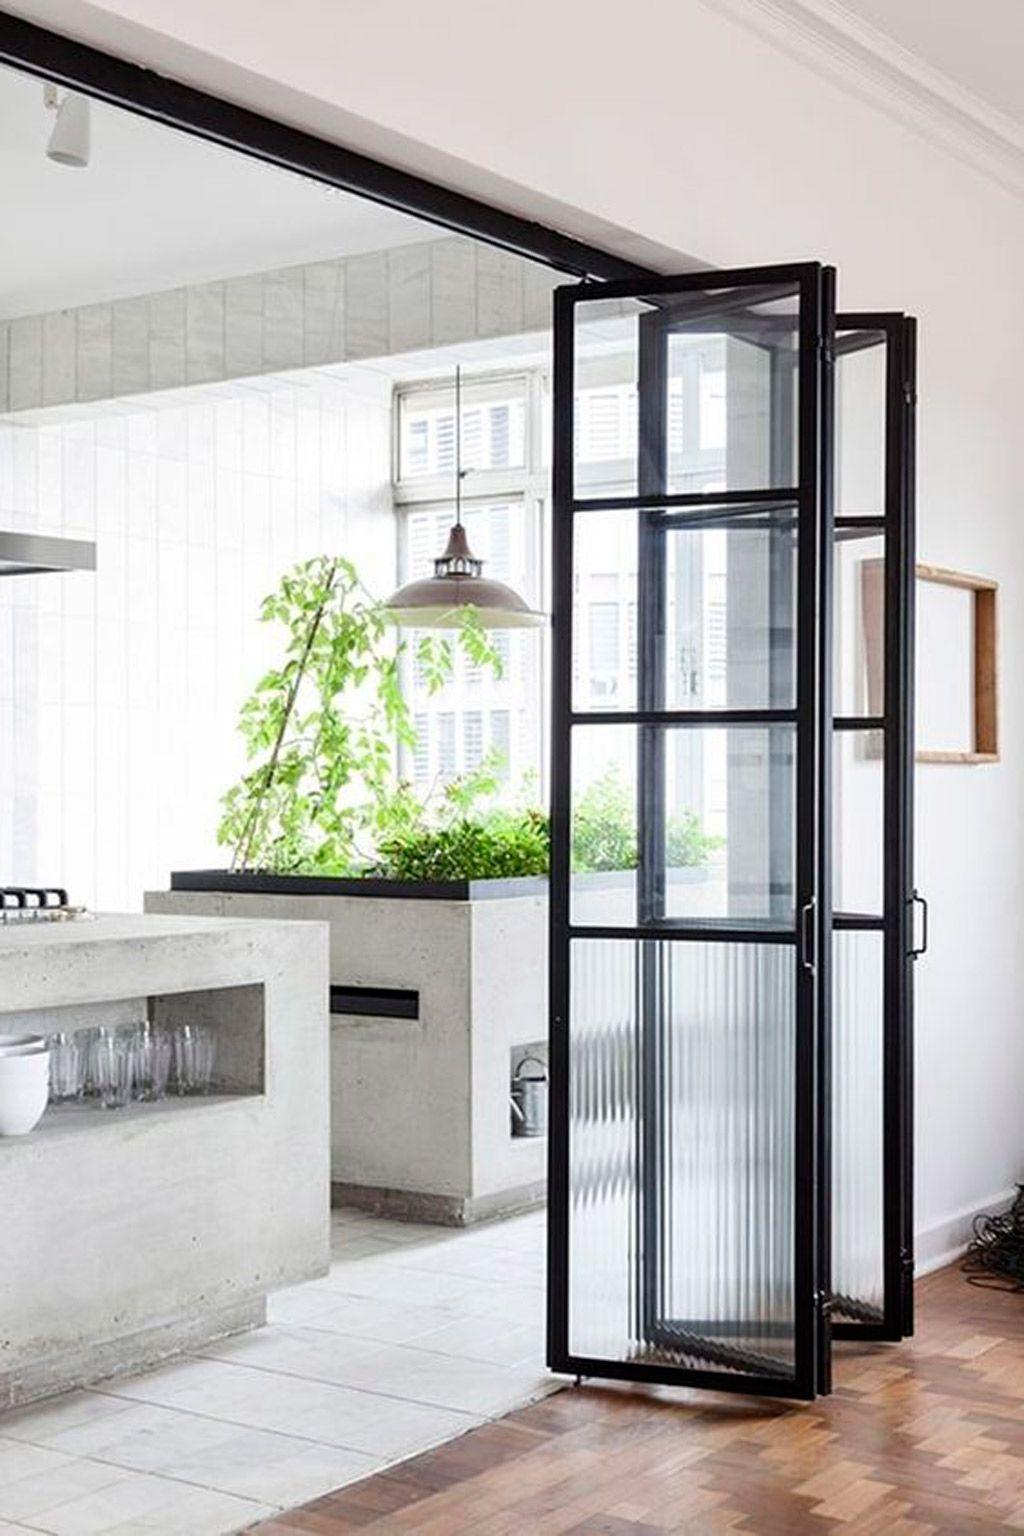 Plegables decoracion interiores puertas correderas - Puertas correderas y plegables ...